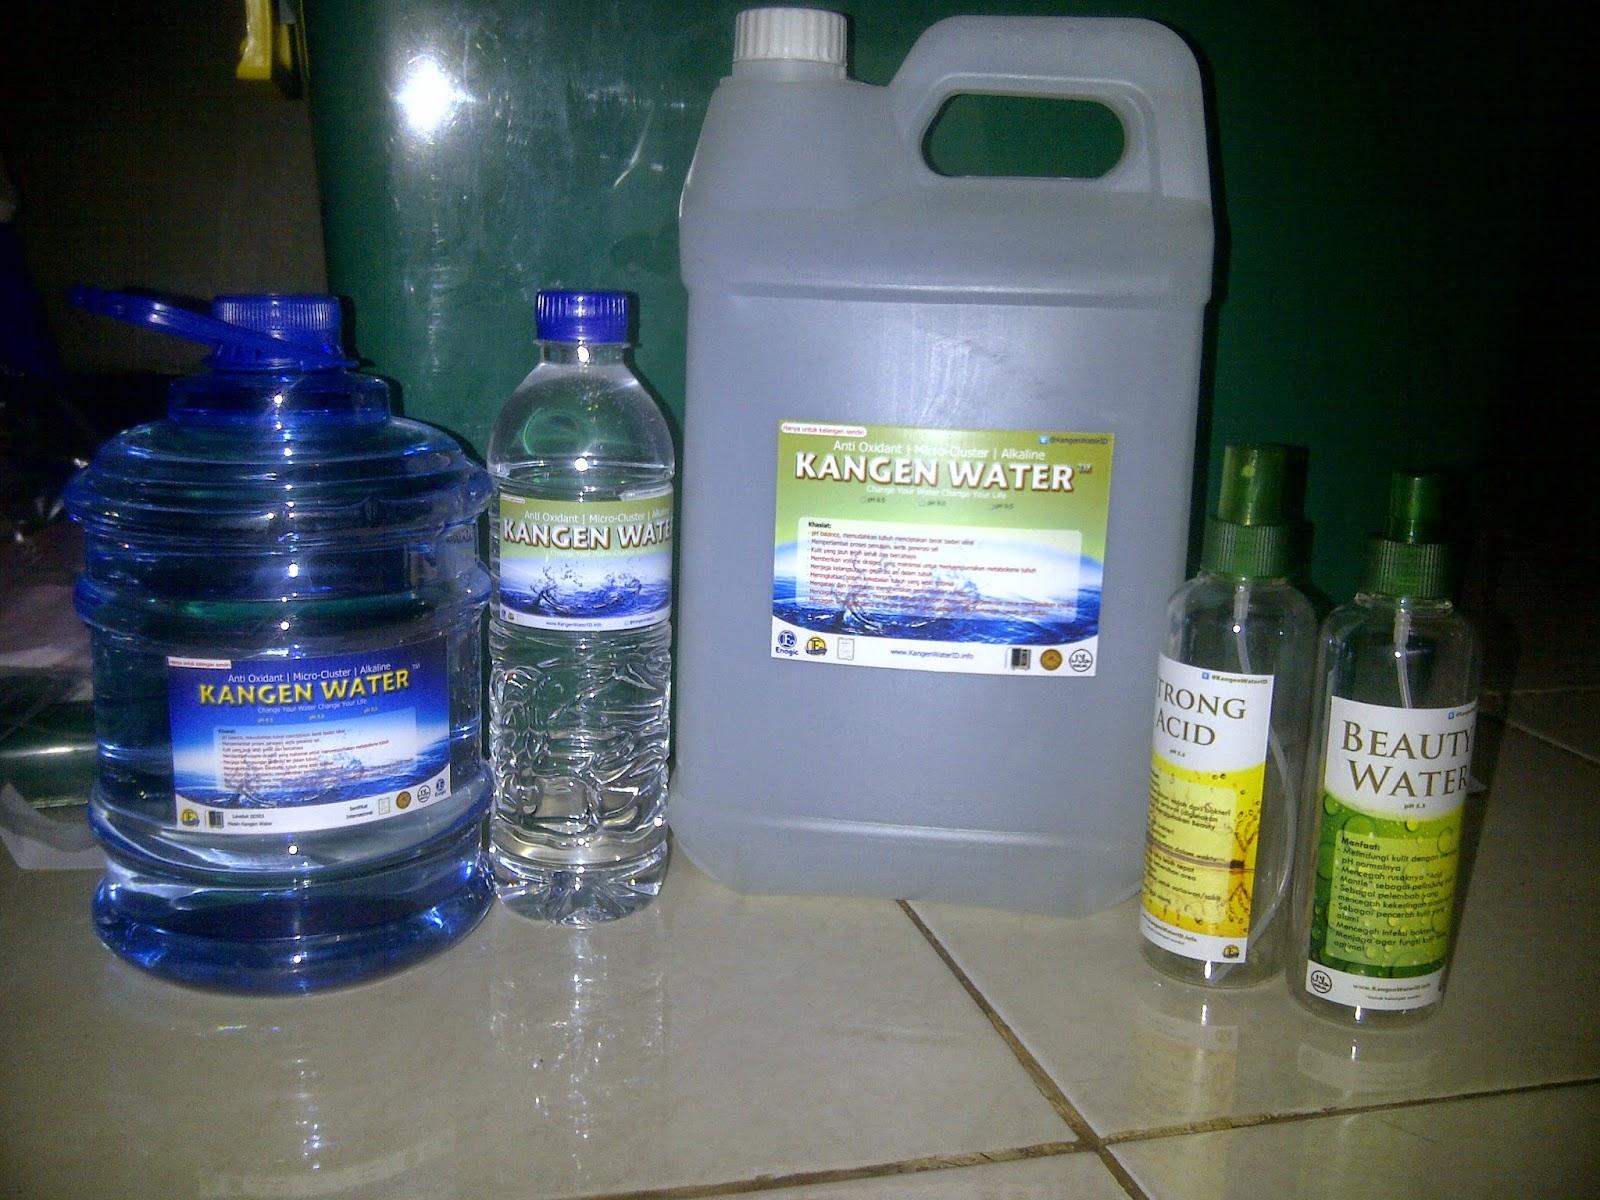 0817808070-Kangen-Water-Jakarta-Harga-Air-Kangen-Kangen-Beauty-Water-Strong-Acid-Spray